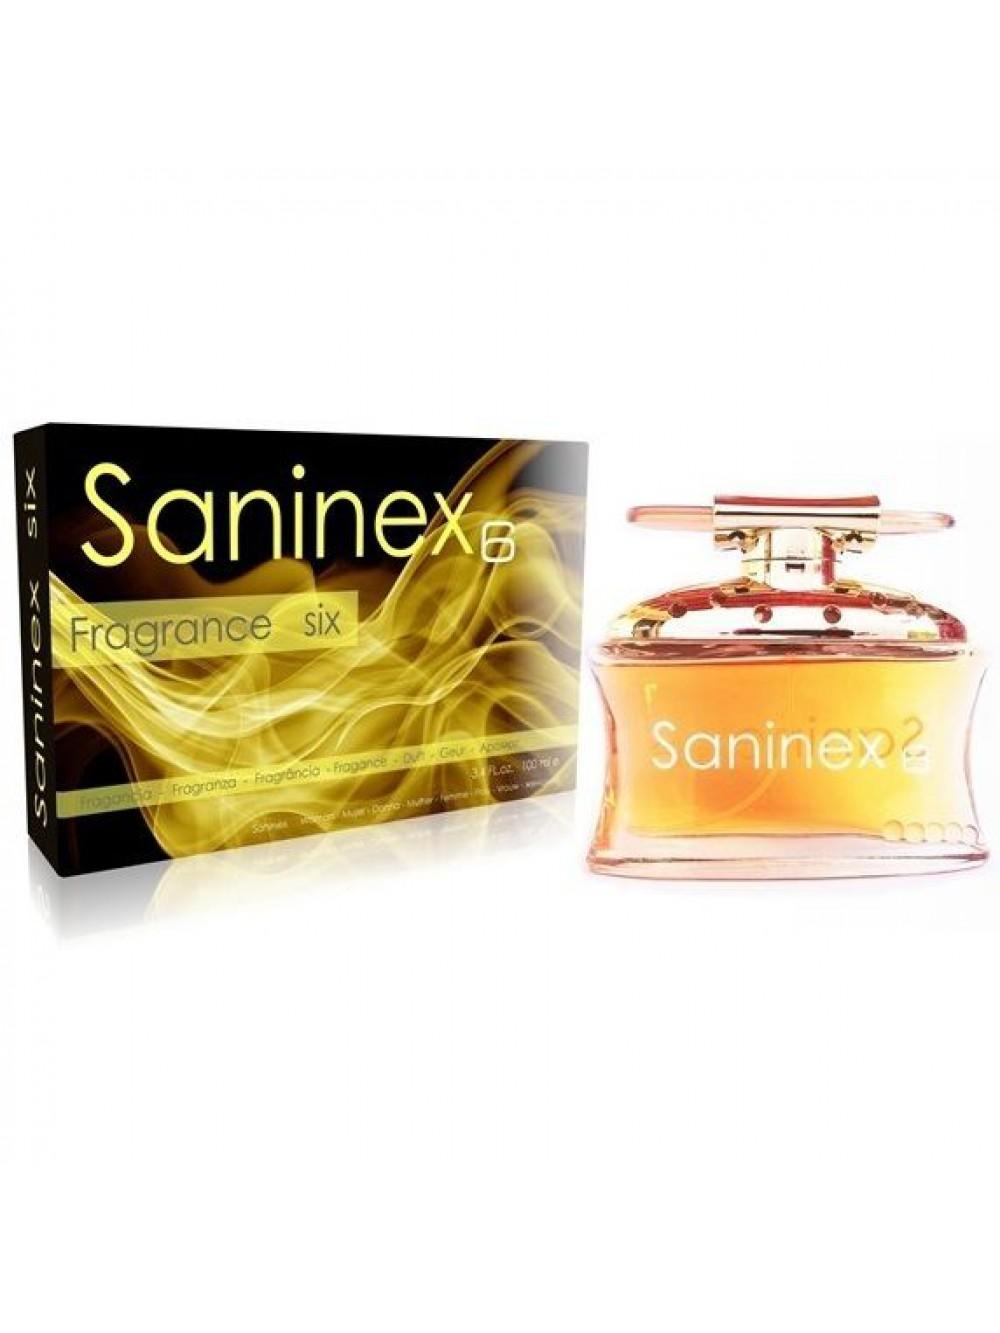 SANINEX 6 WOMAN PERFUME FEROMONAS MUJER 100ML 8984686901160